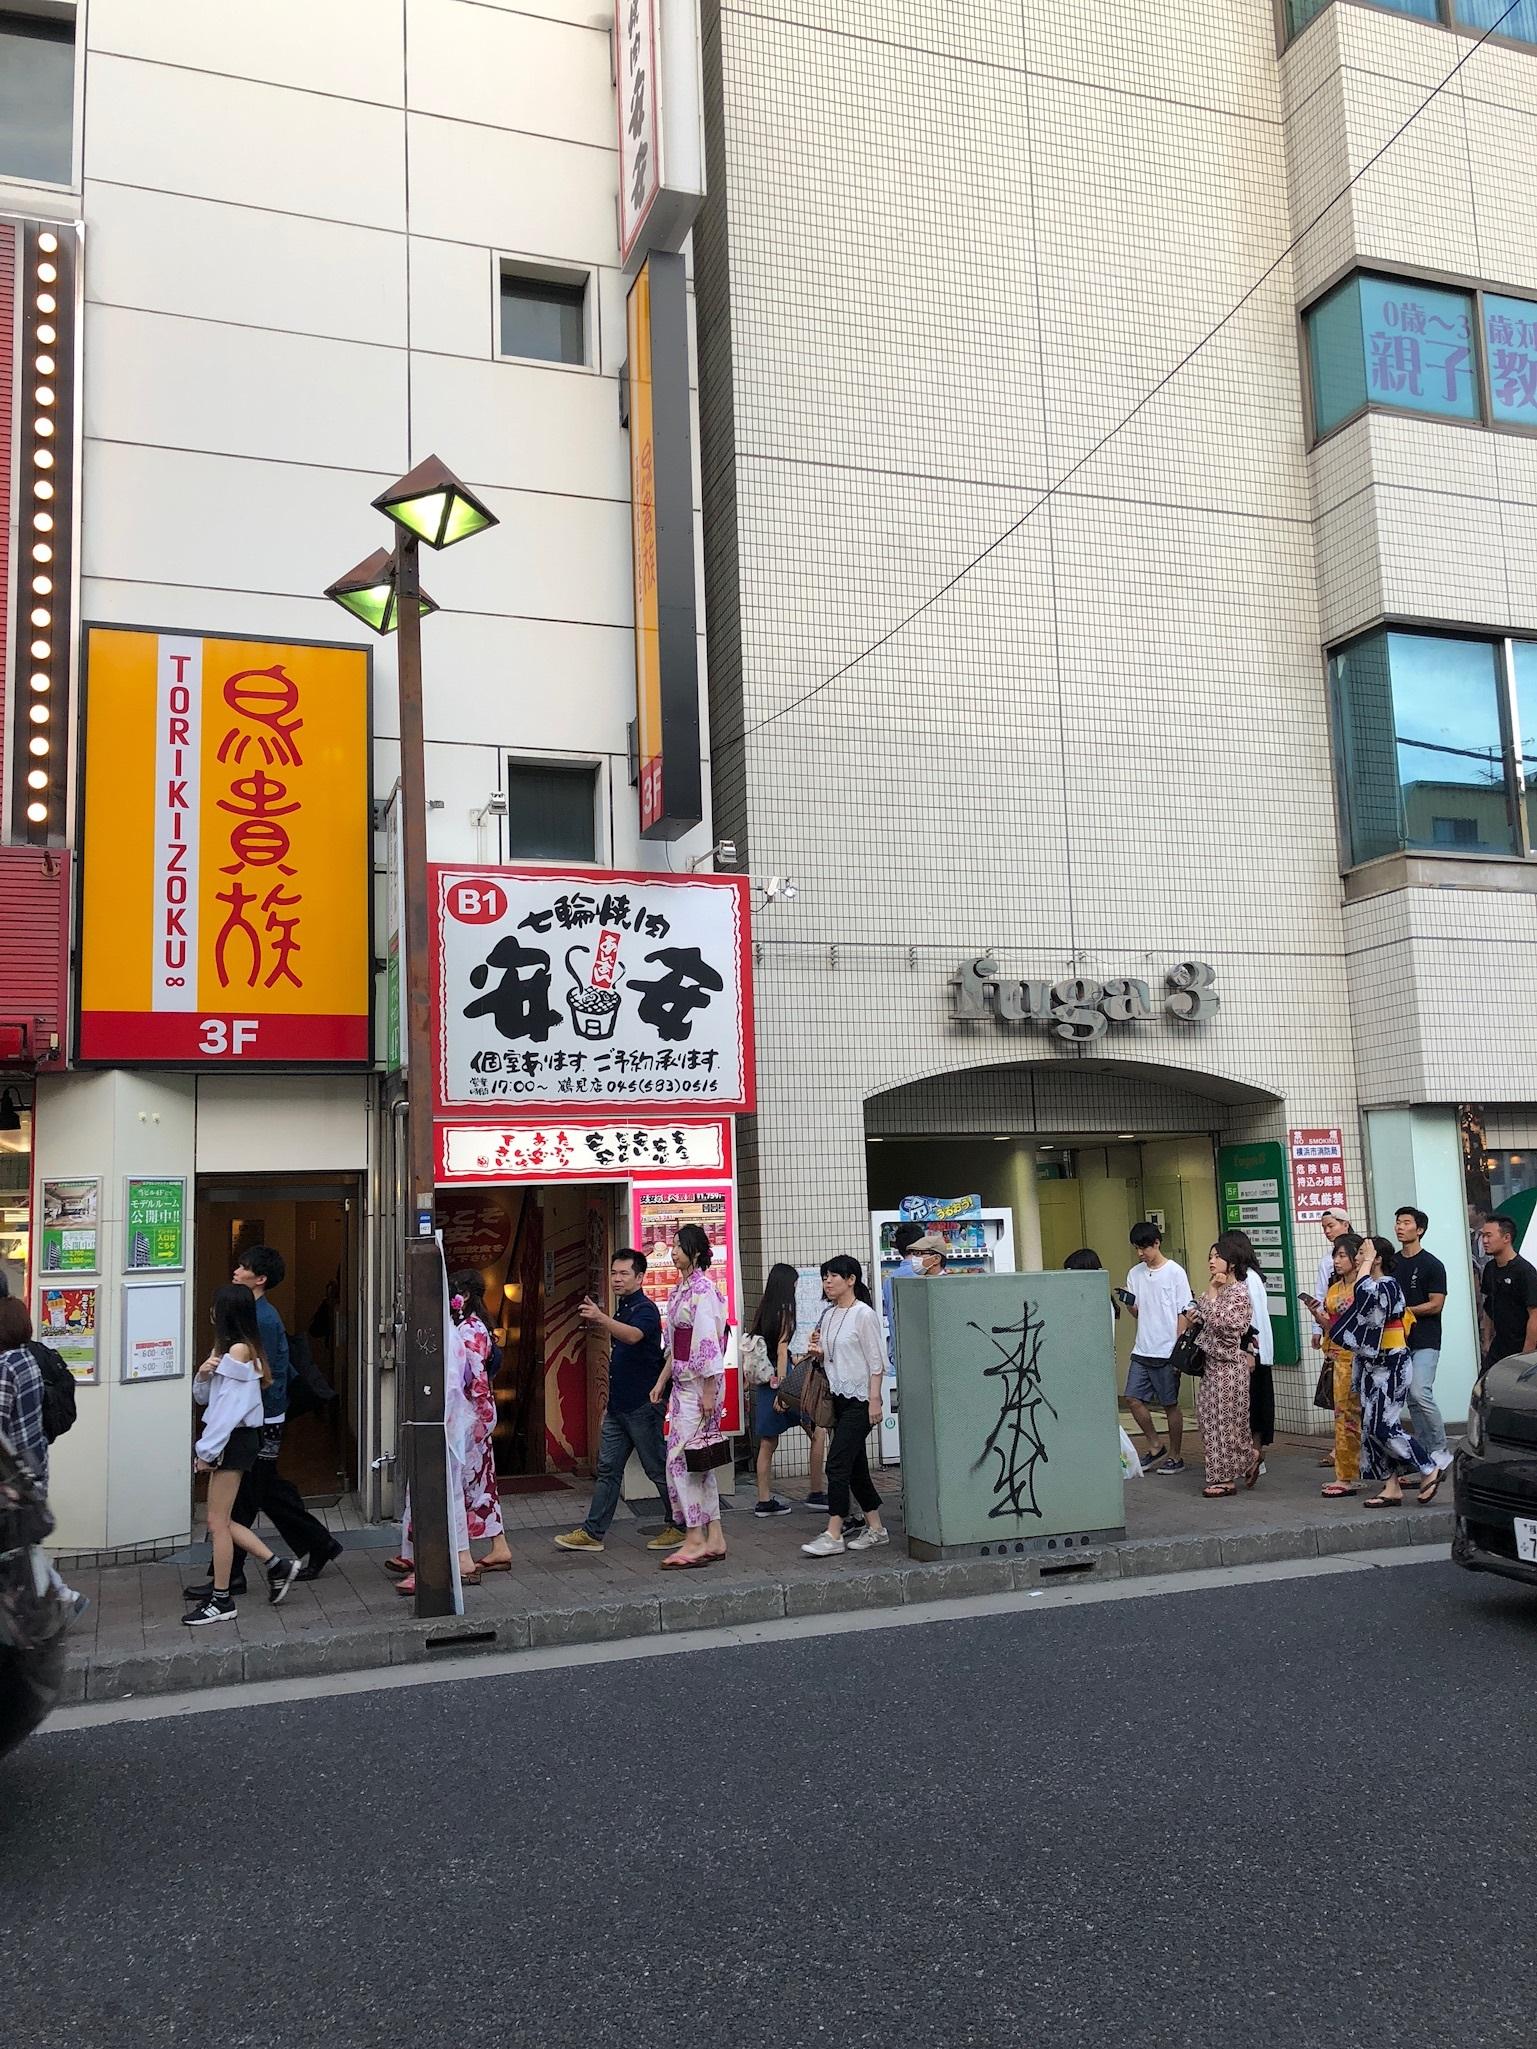 tsurumi 3.jpg